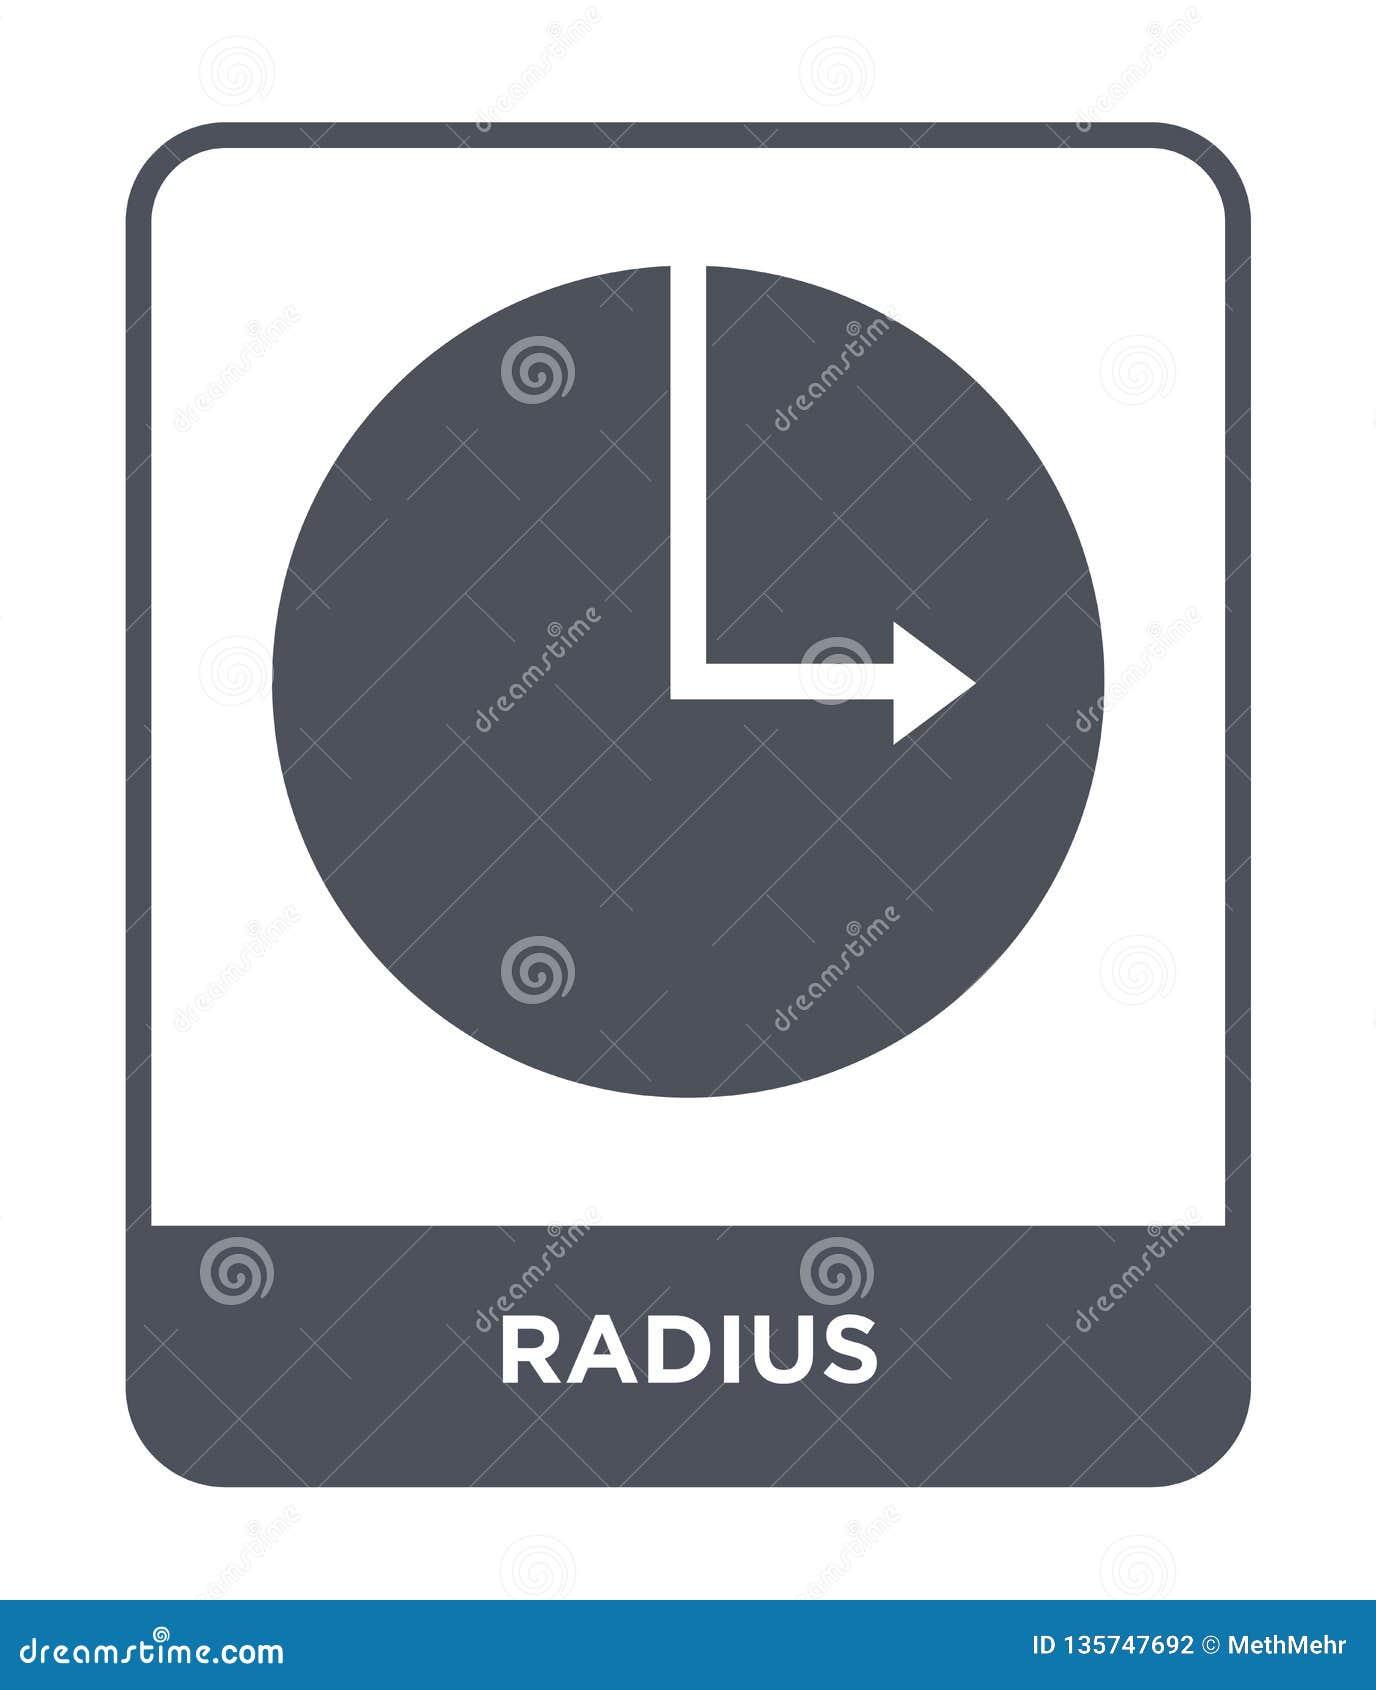 ícone do raio no estilo na moda do projeto ícone do raio isolado no fundo branco símbolo liso simples e moderno do ícone do vetor